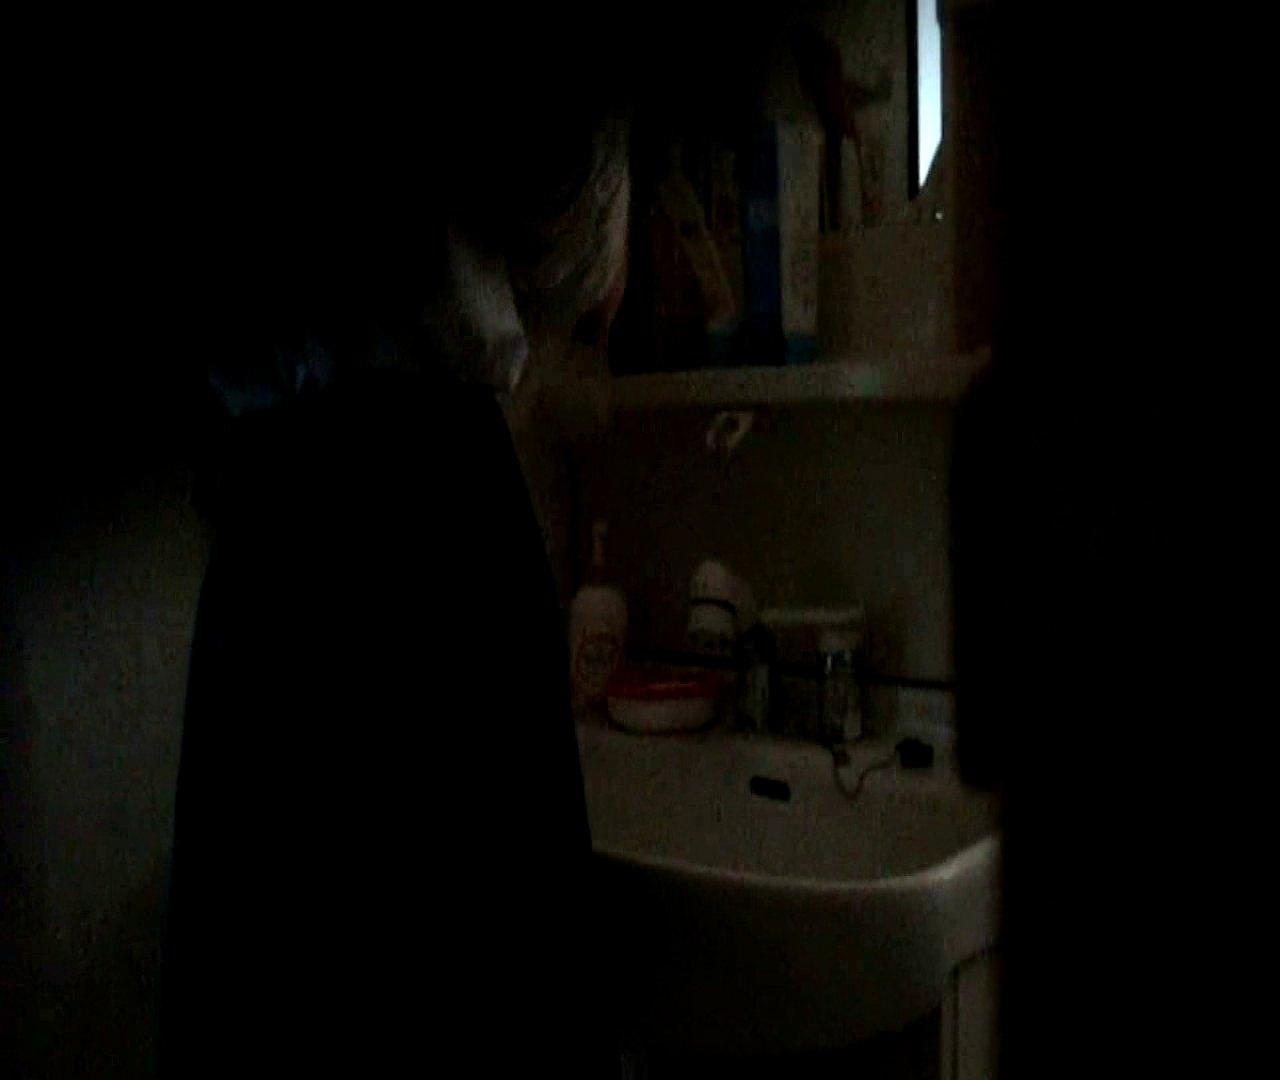 二人とも育てた甲斐がありました… vol.05 まどかが洗顔後にブラを洗濯 盗撮シリーズ  79PIX 26